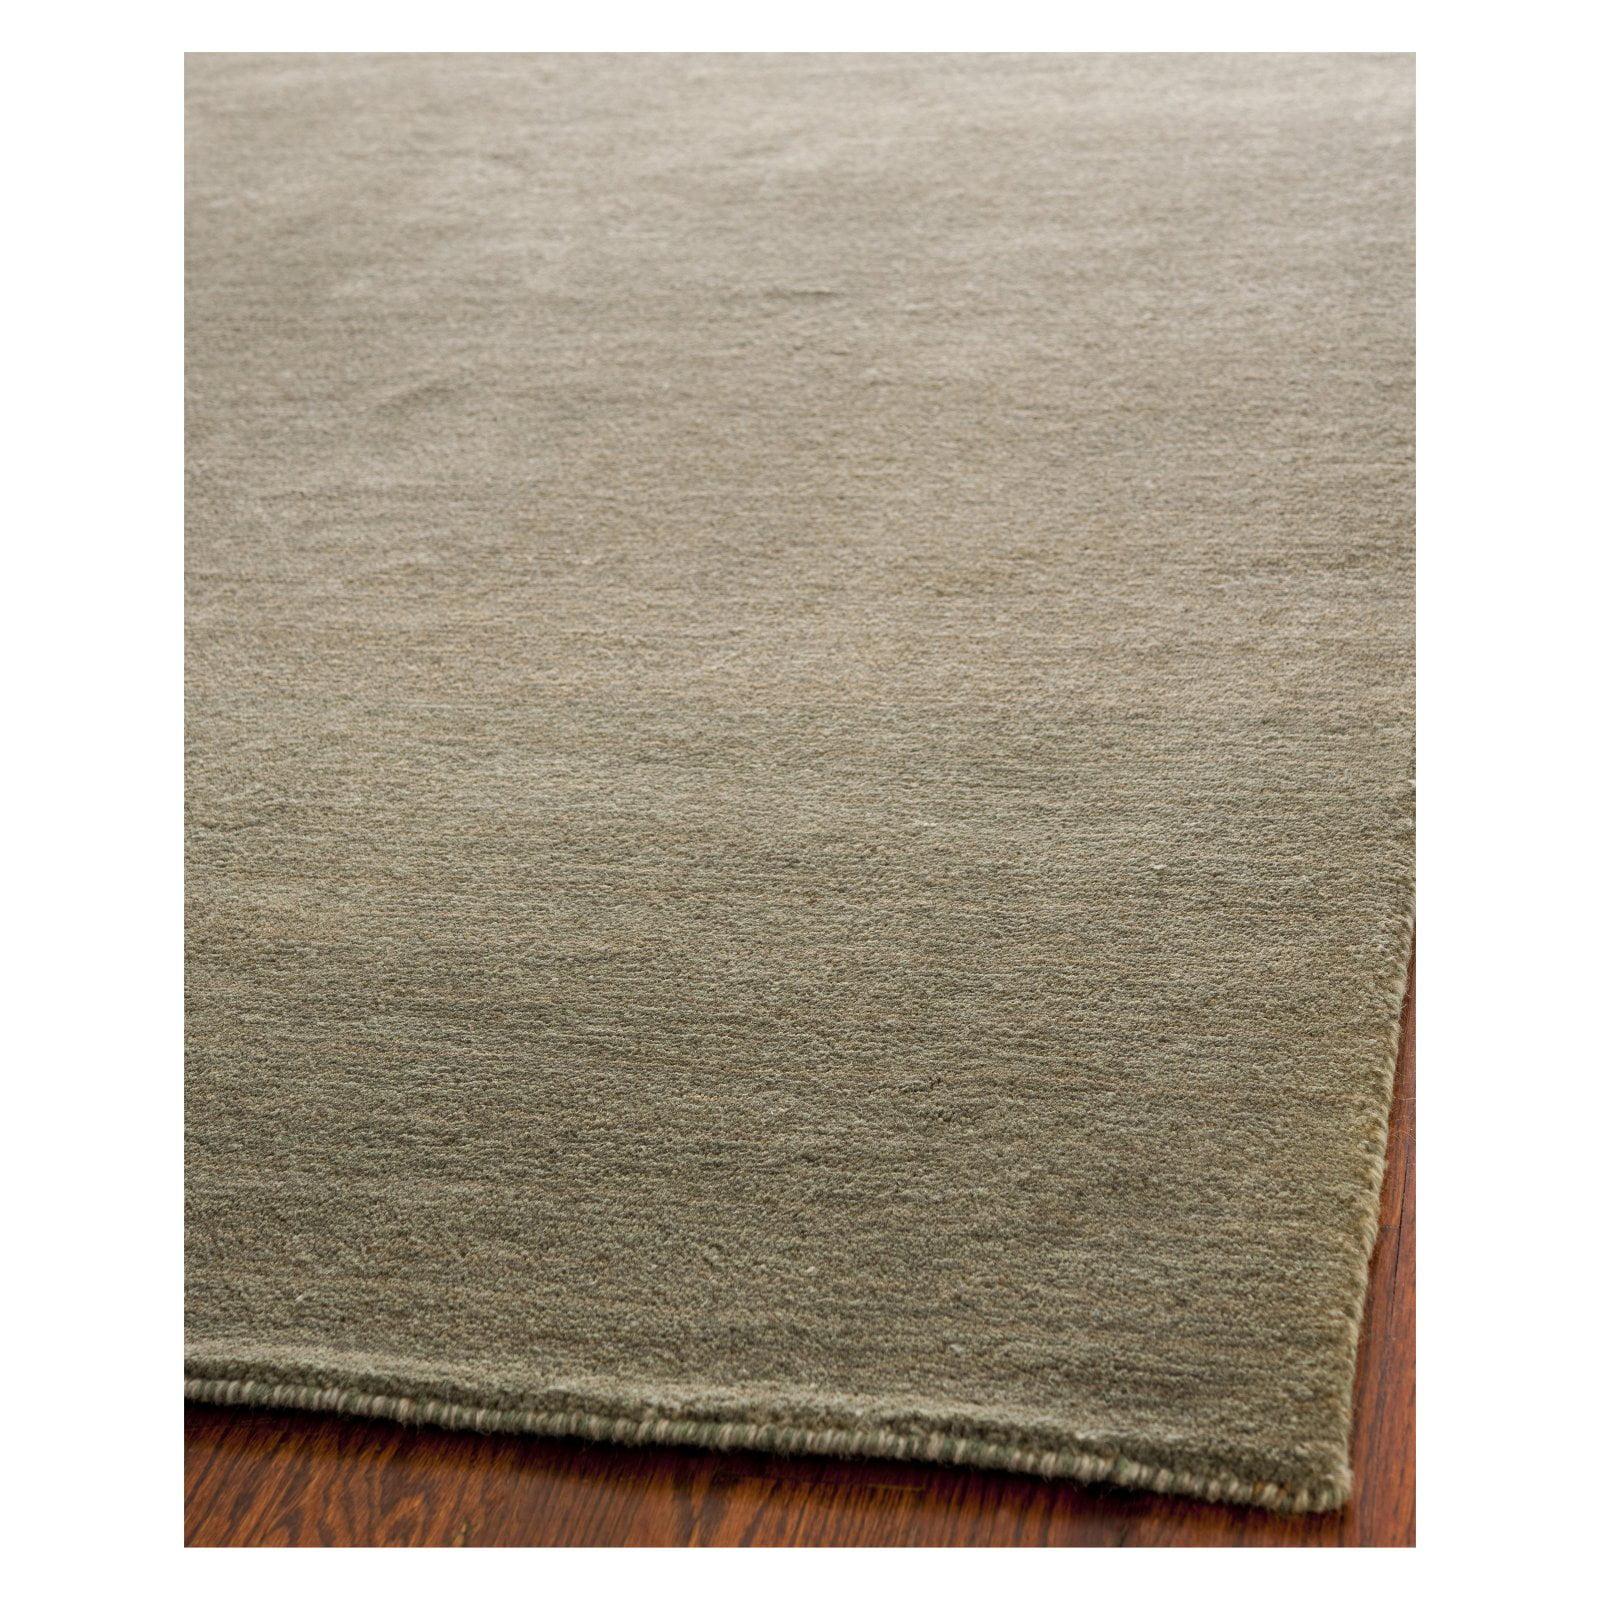 Safavieh Himalaya Dawa Solid Wool Area Rug Or Runner